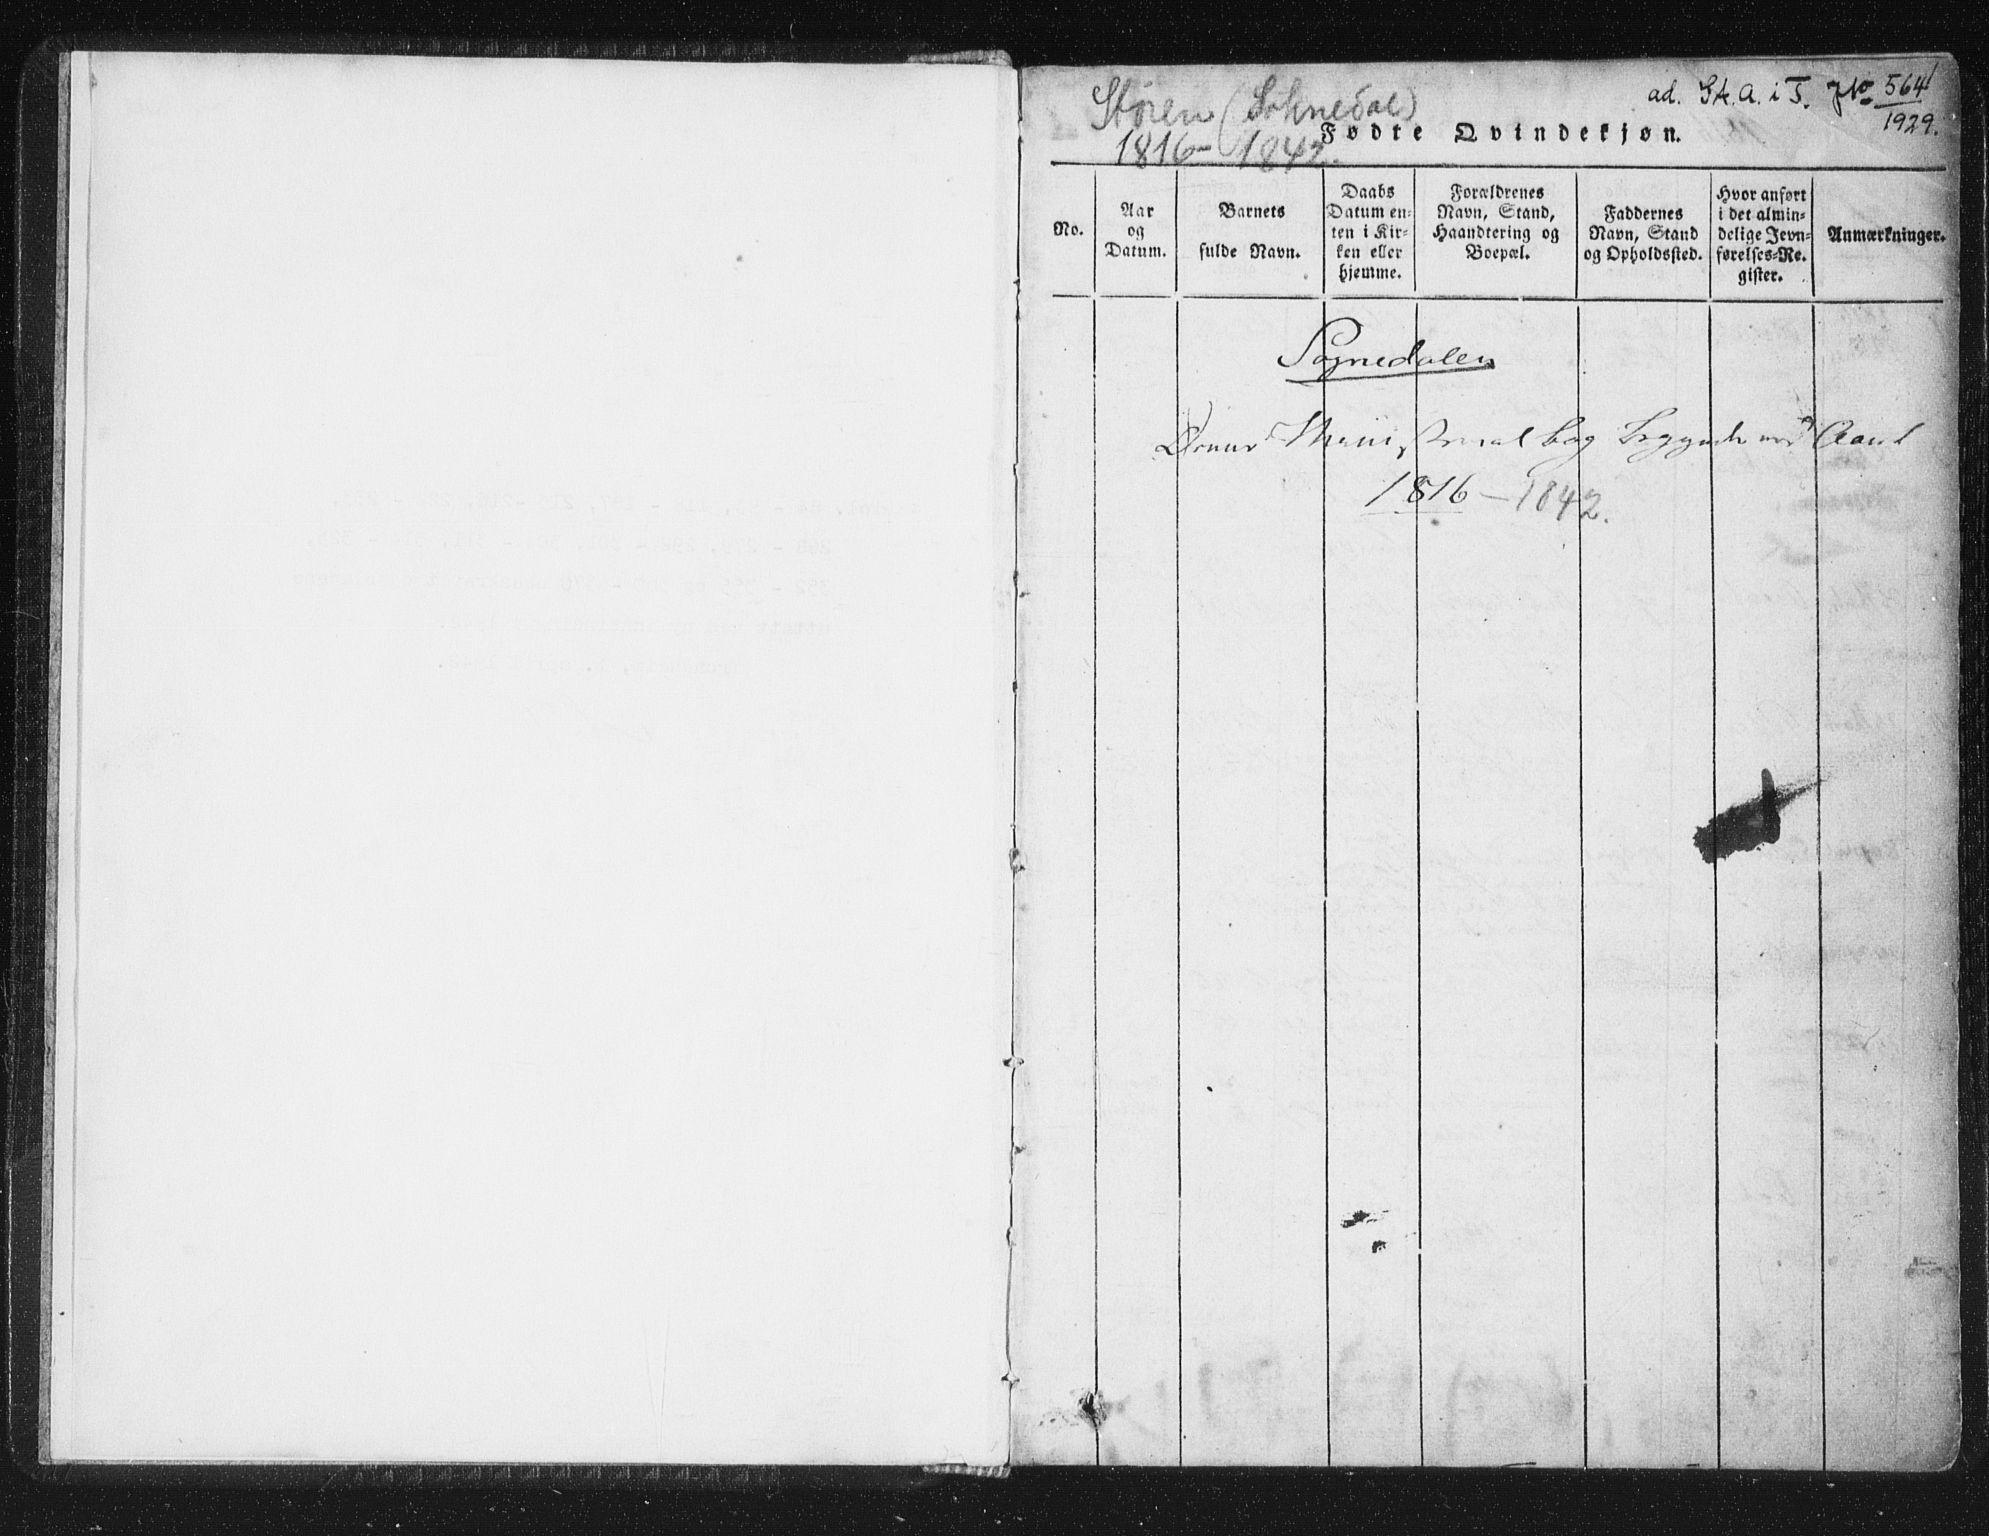 SAT, Ministerialprotokoller, klokkerbøker og fødselsregistre - Sør-Trøndelag, 689/L1037: Ministerialbok nr. 689A02, 1816-1842, s. 1